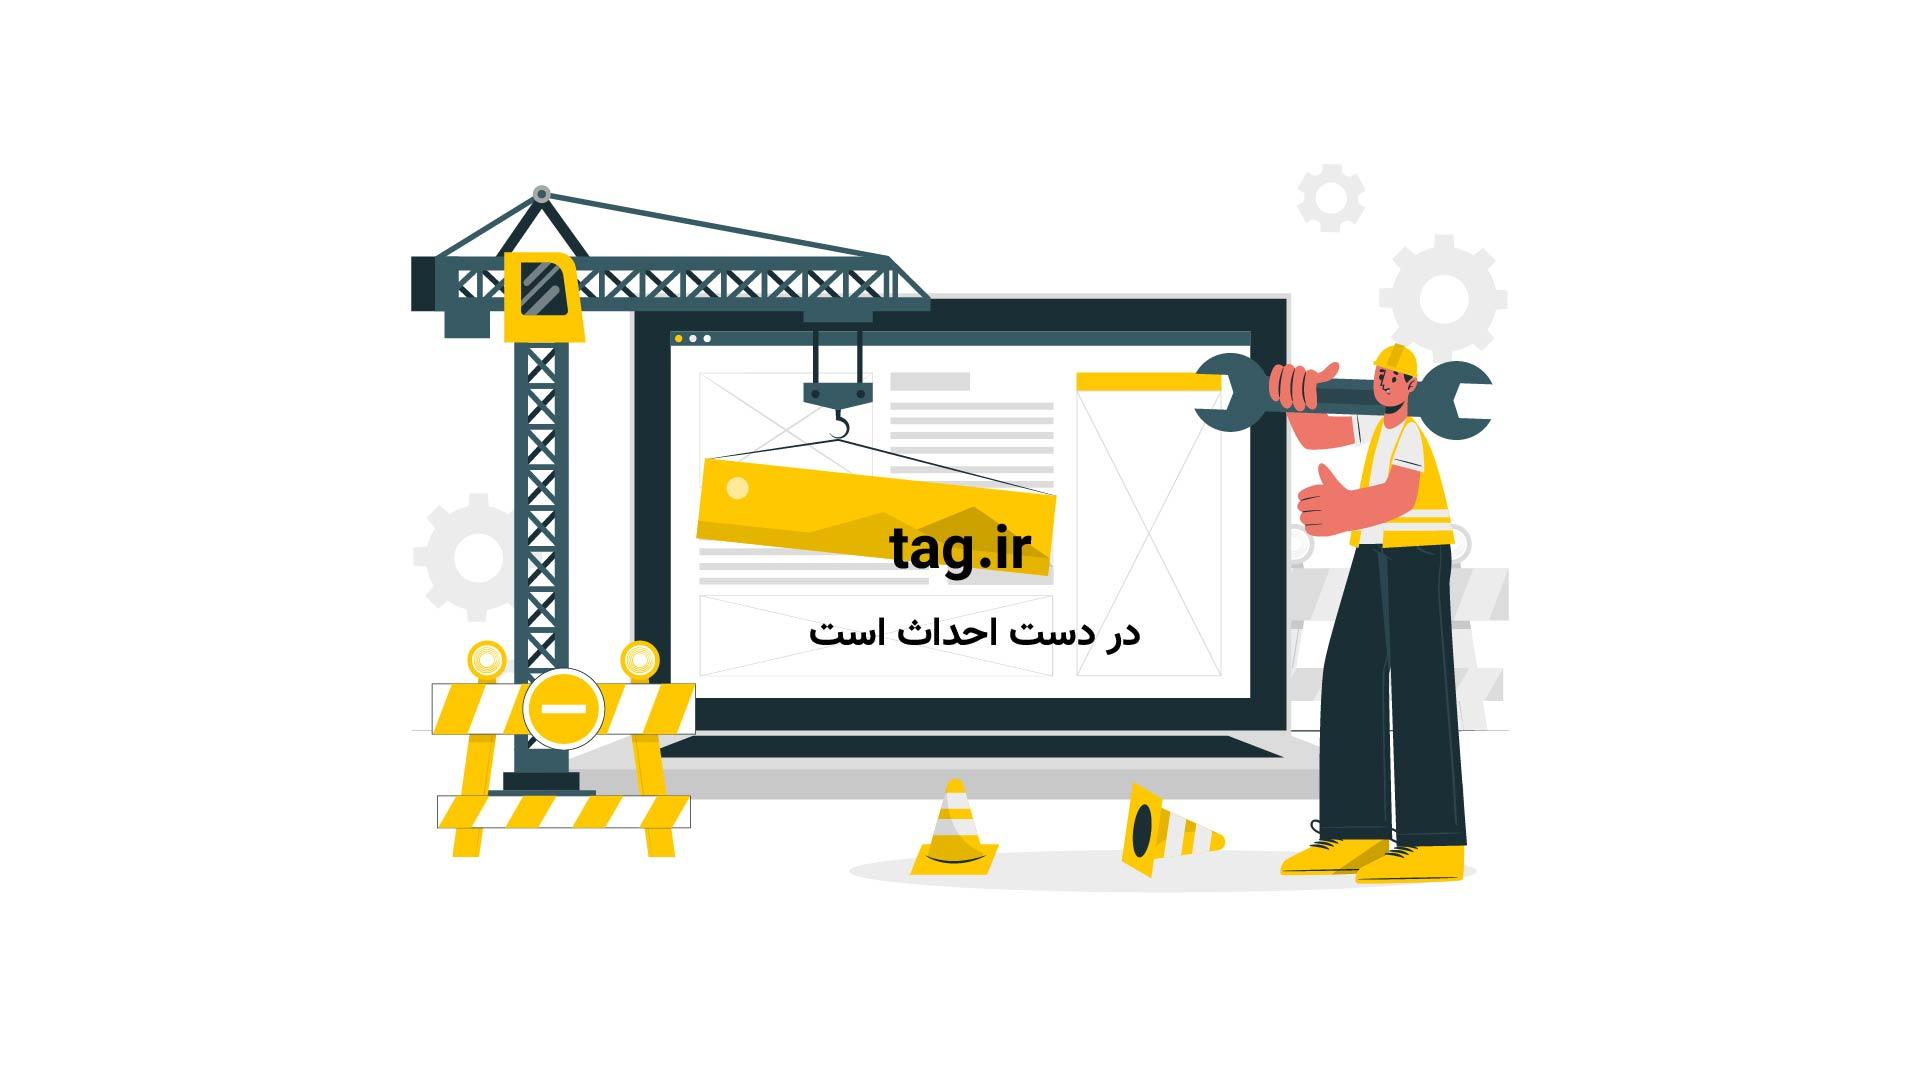 نمایشگاه آثار نقاشی باب دیلن، خواننده، ترانه سرا و برنده جایزه نوبل ادبیات|تگ